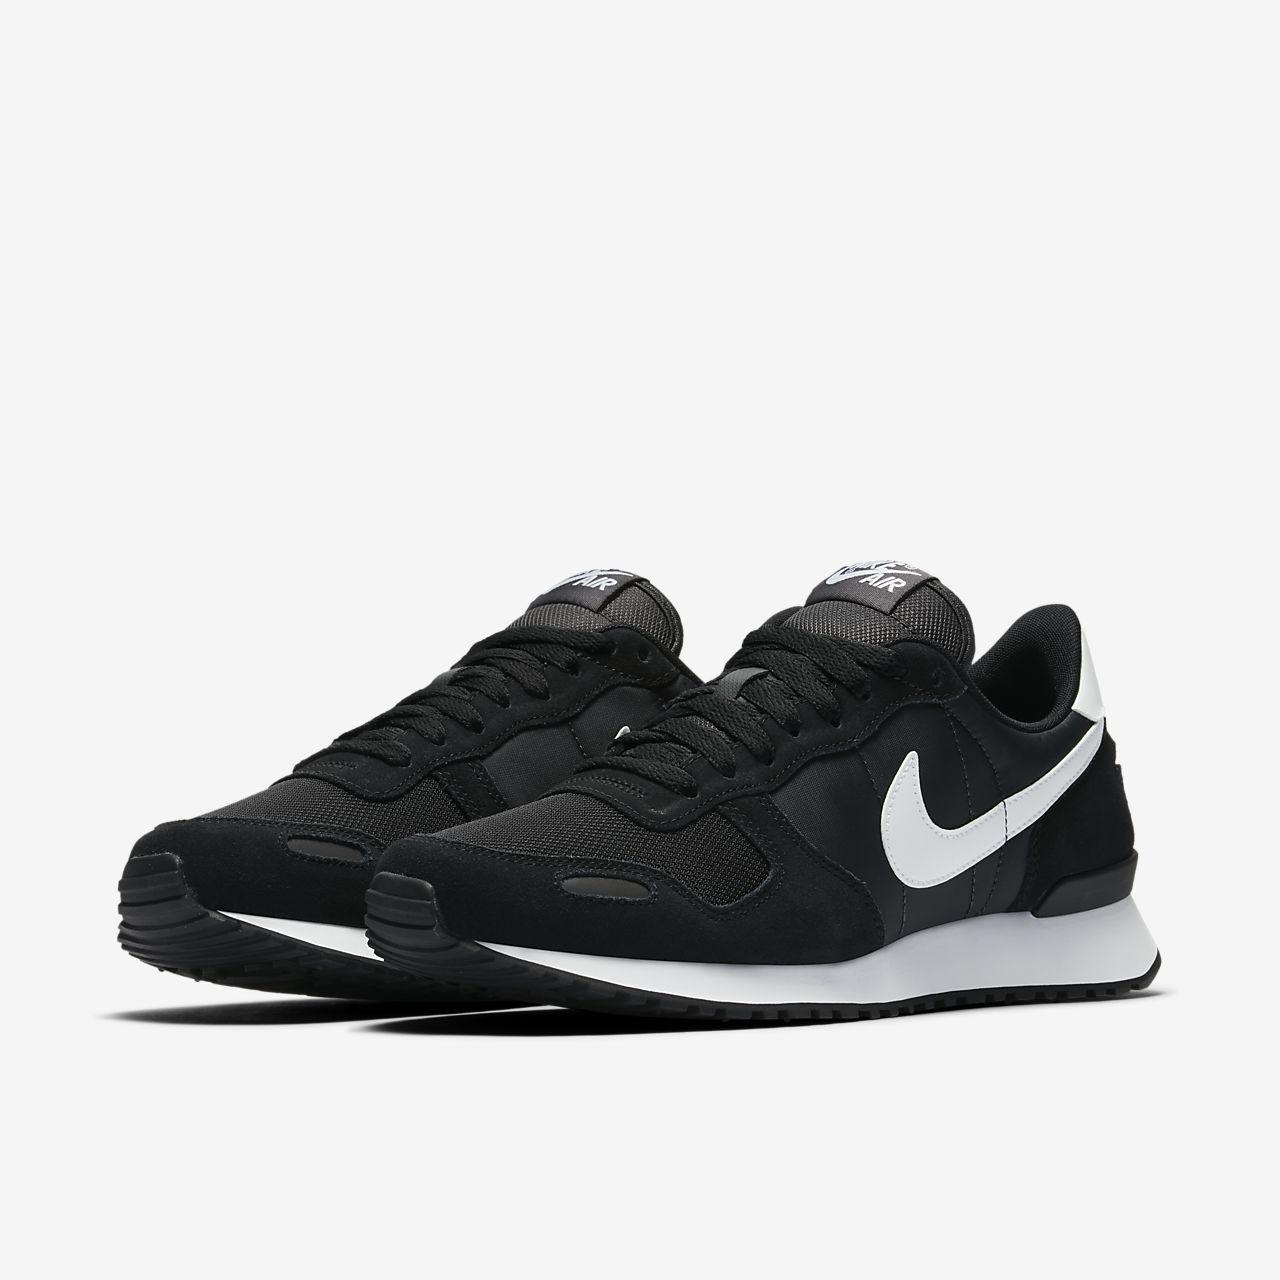 quality design 379dd e9585 ... Nike Air Vortex Zapatillas - Hombre